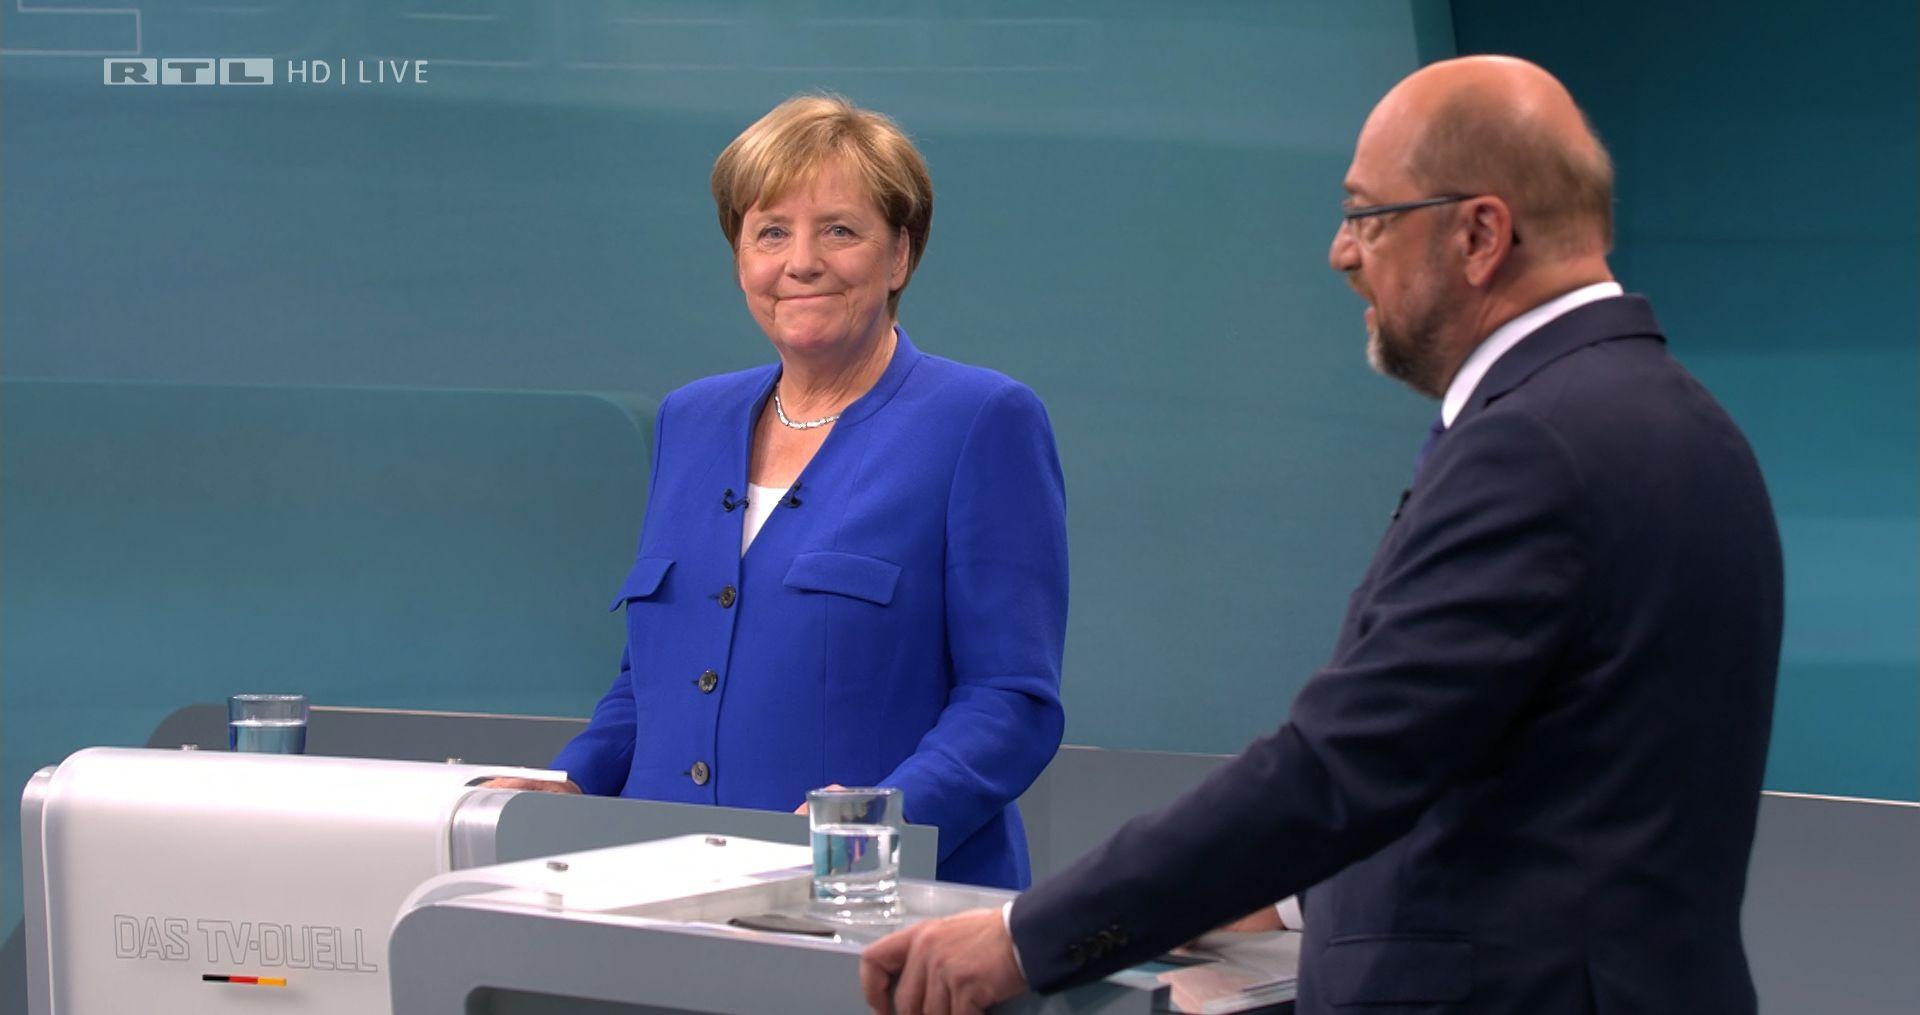 VELIKA KOALICIJA Njemački konzervativci i socijaldemokrati počinju razgovore